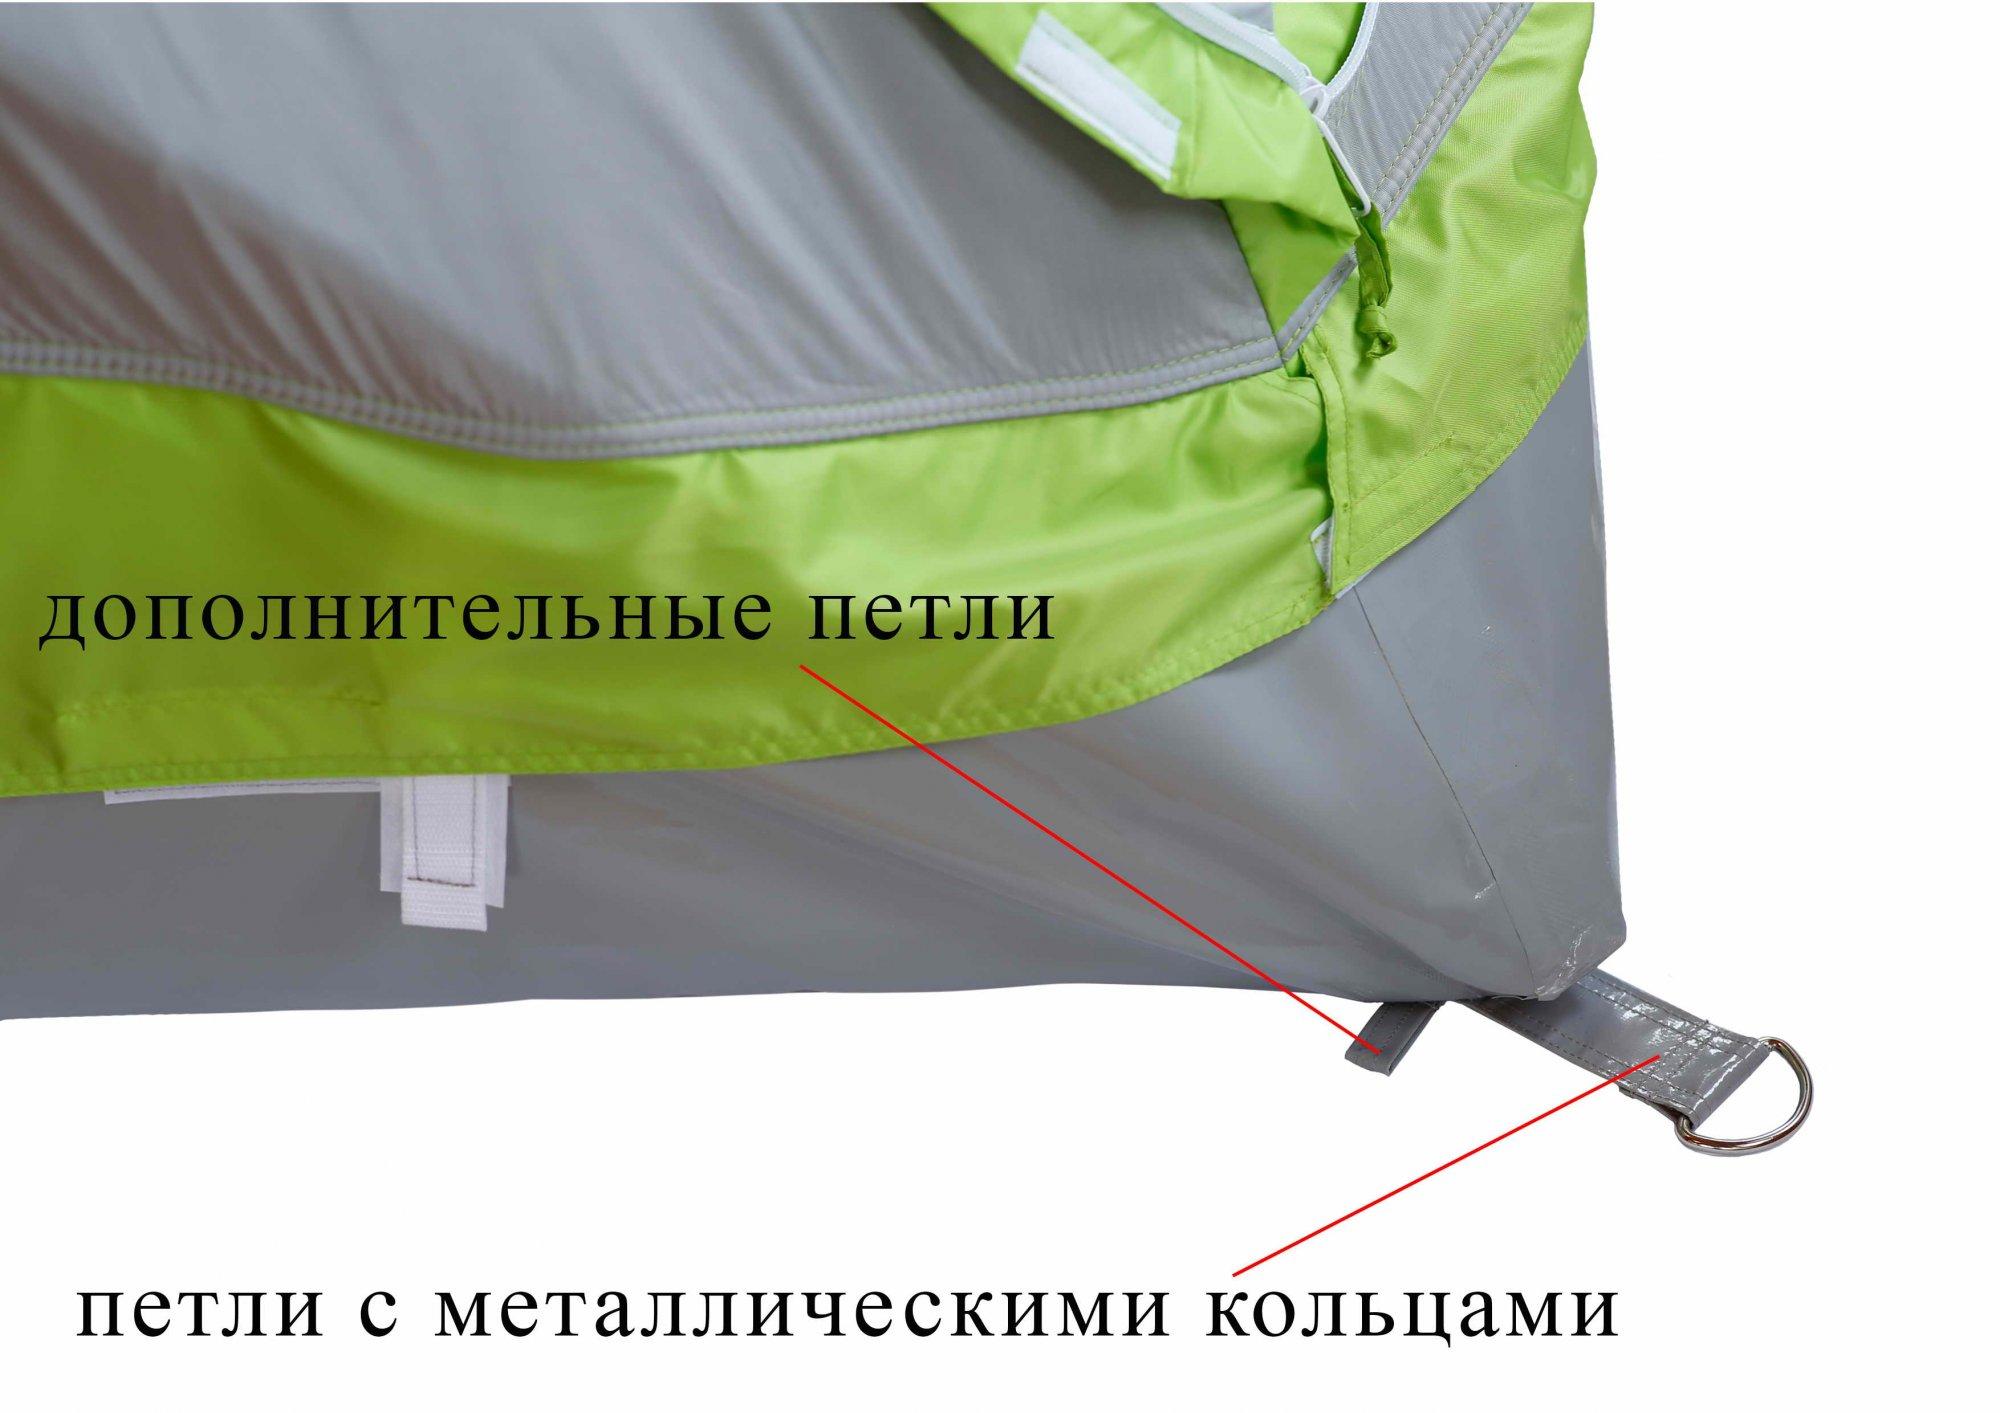 Зимняя палатка ЛОТОС Куб М2 Термо_петли крепления гидроизоляционного дна